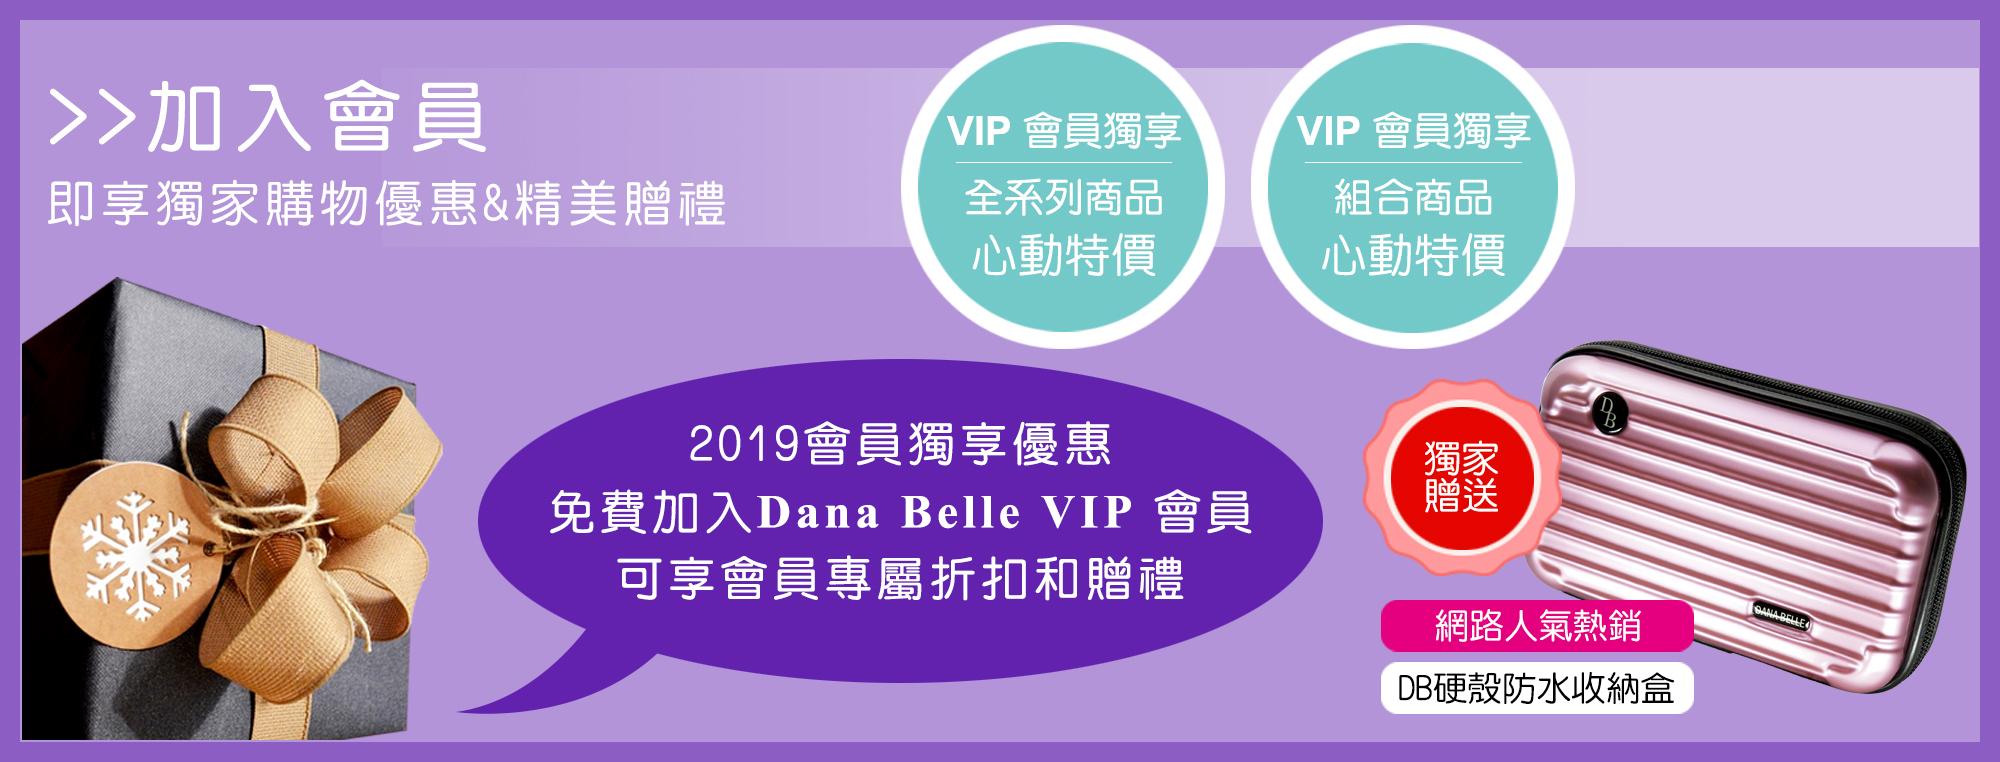 加入 Dana Belle 會員獨享優惠折扣和獨家贈品